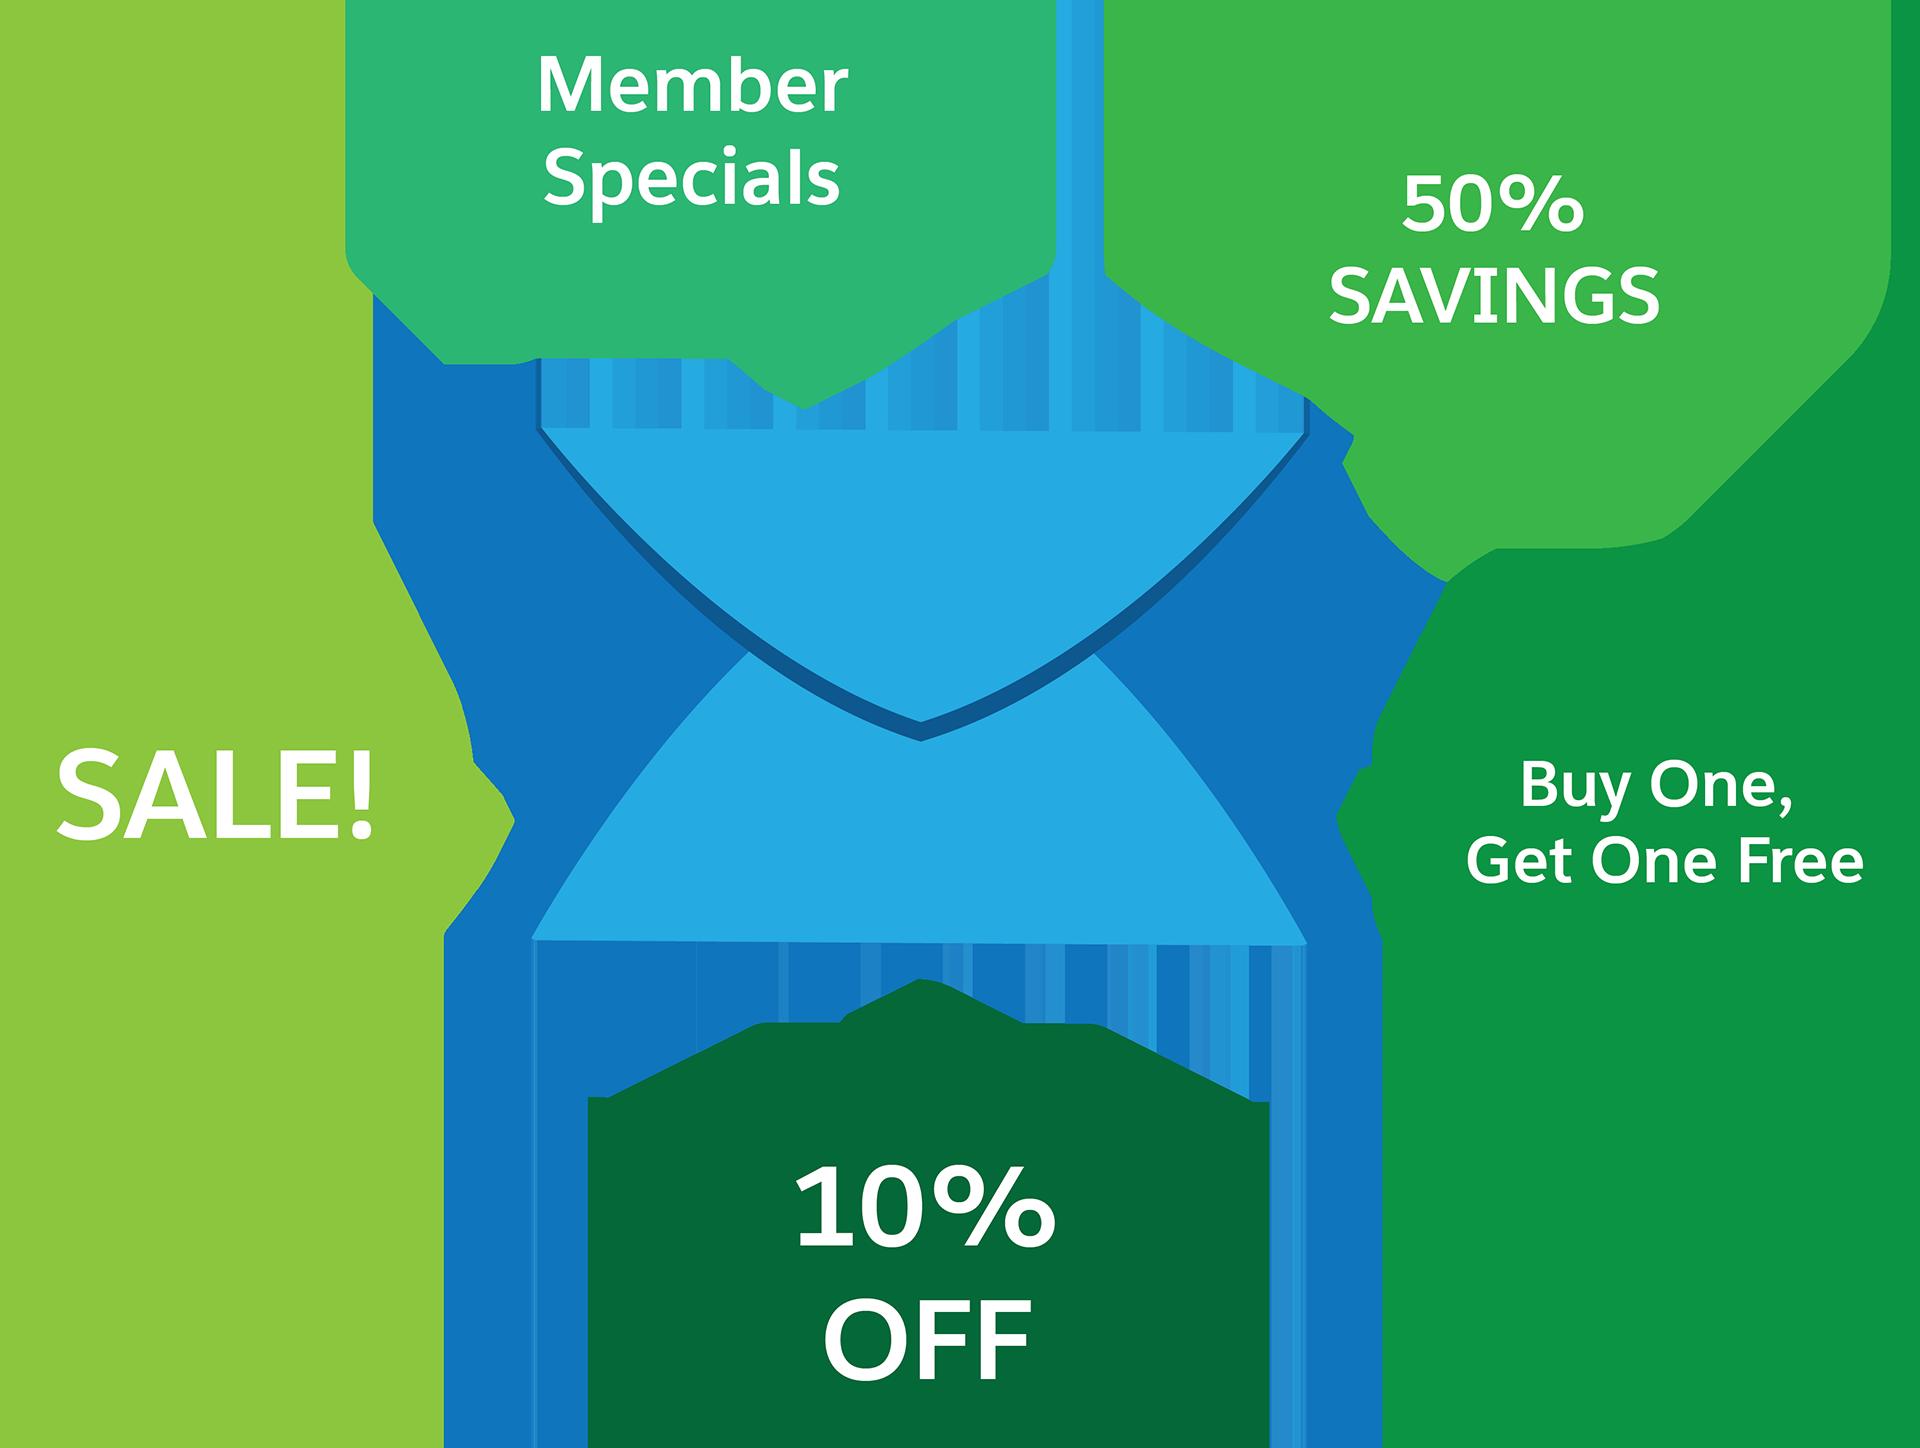 Email con incentivos (Compre uno, consiga otro gratis; AHORRO DEL 50%; ¡OFERTA!; 10 $ DE DESCUENTO; Oferta especial para miembros).